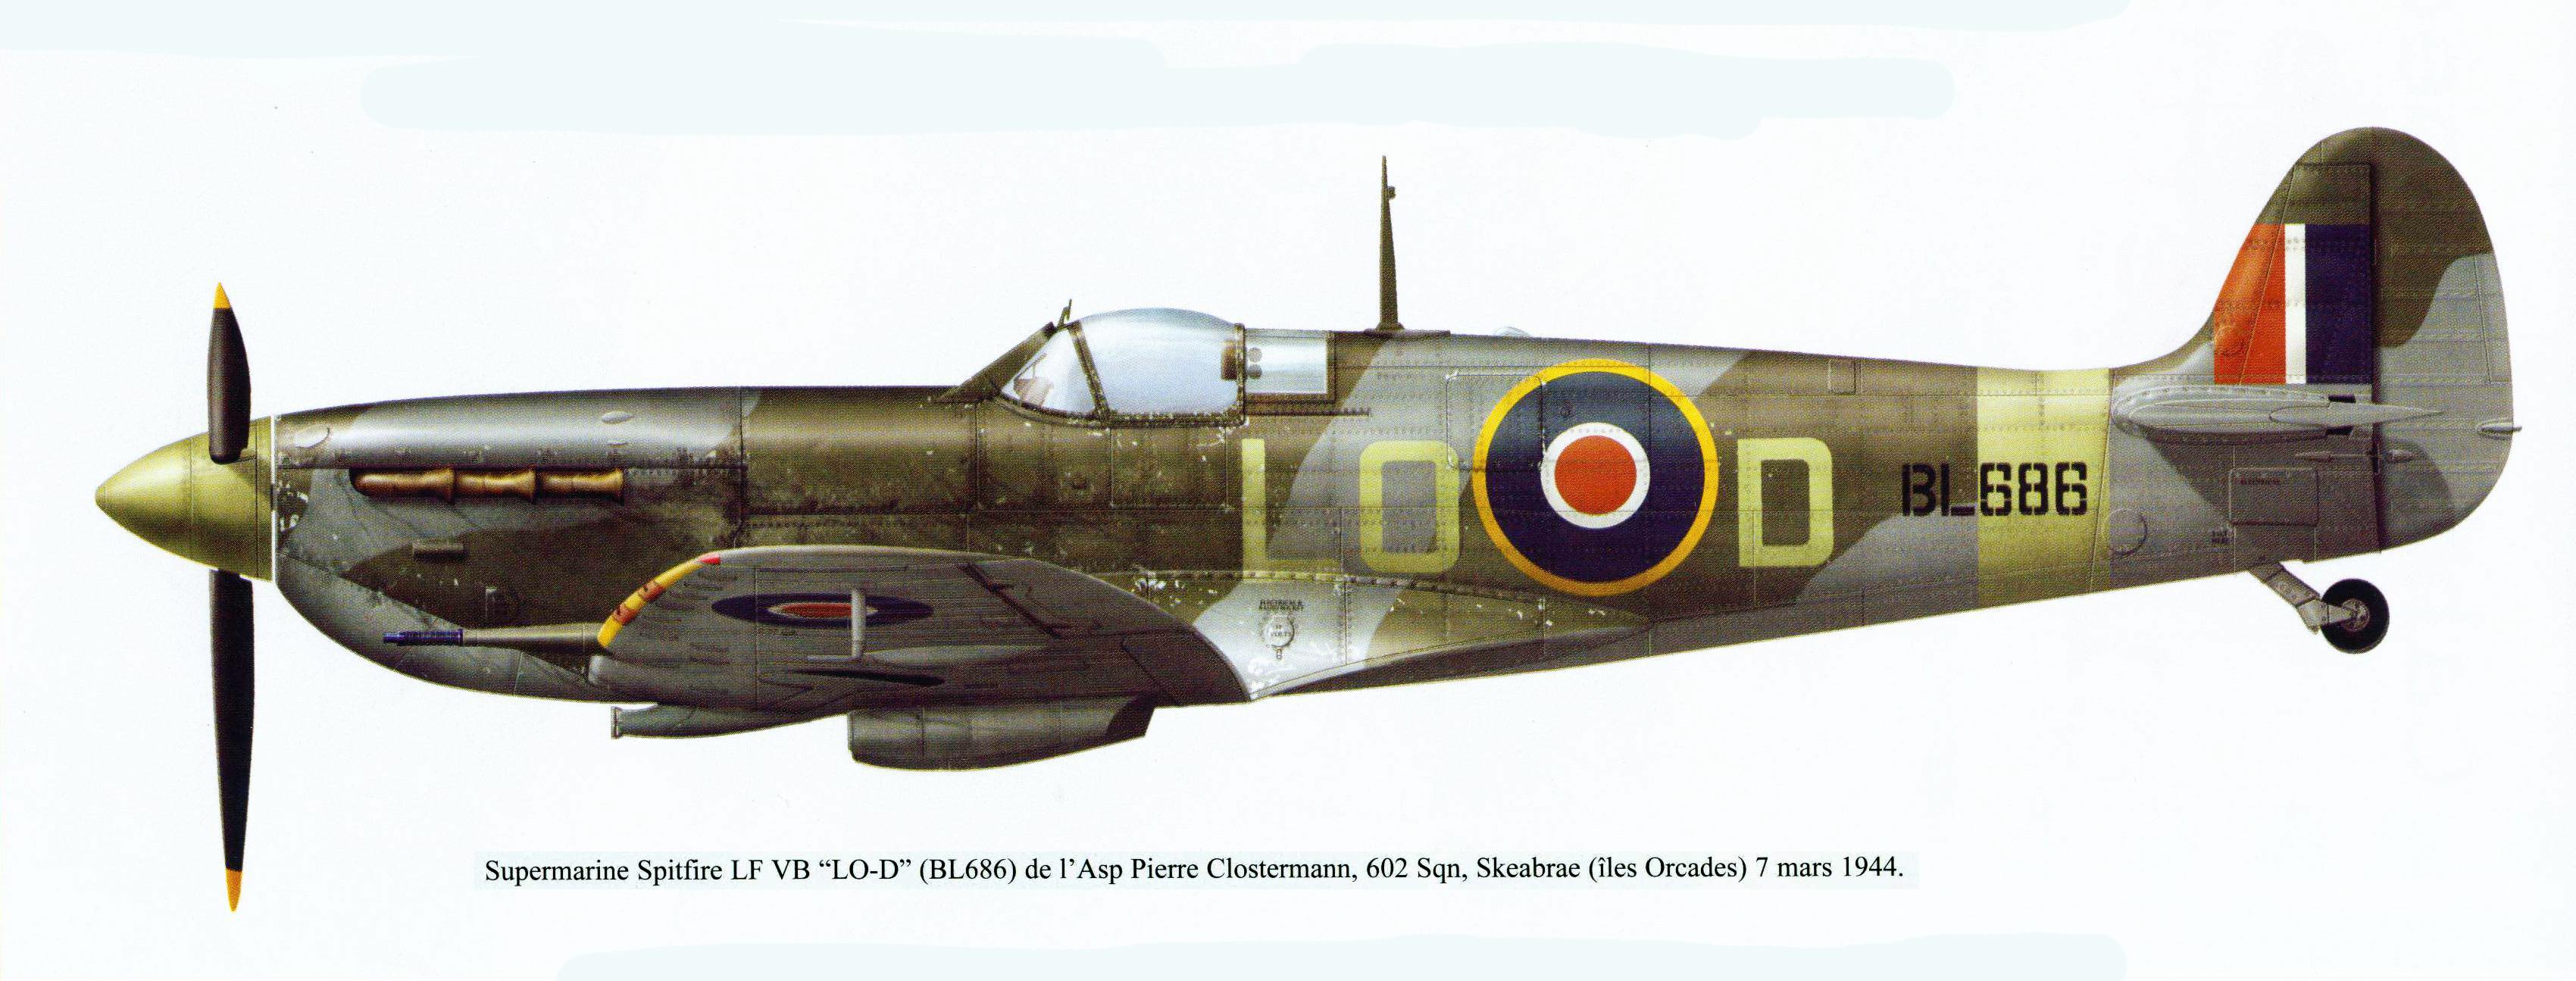 Spitfire LFVB RAF 602Sqn LOD Pierre Clostermann BL686 Skeabrae 7th Mar 1944 0A